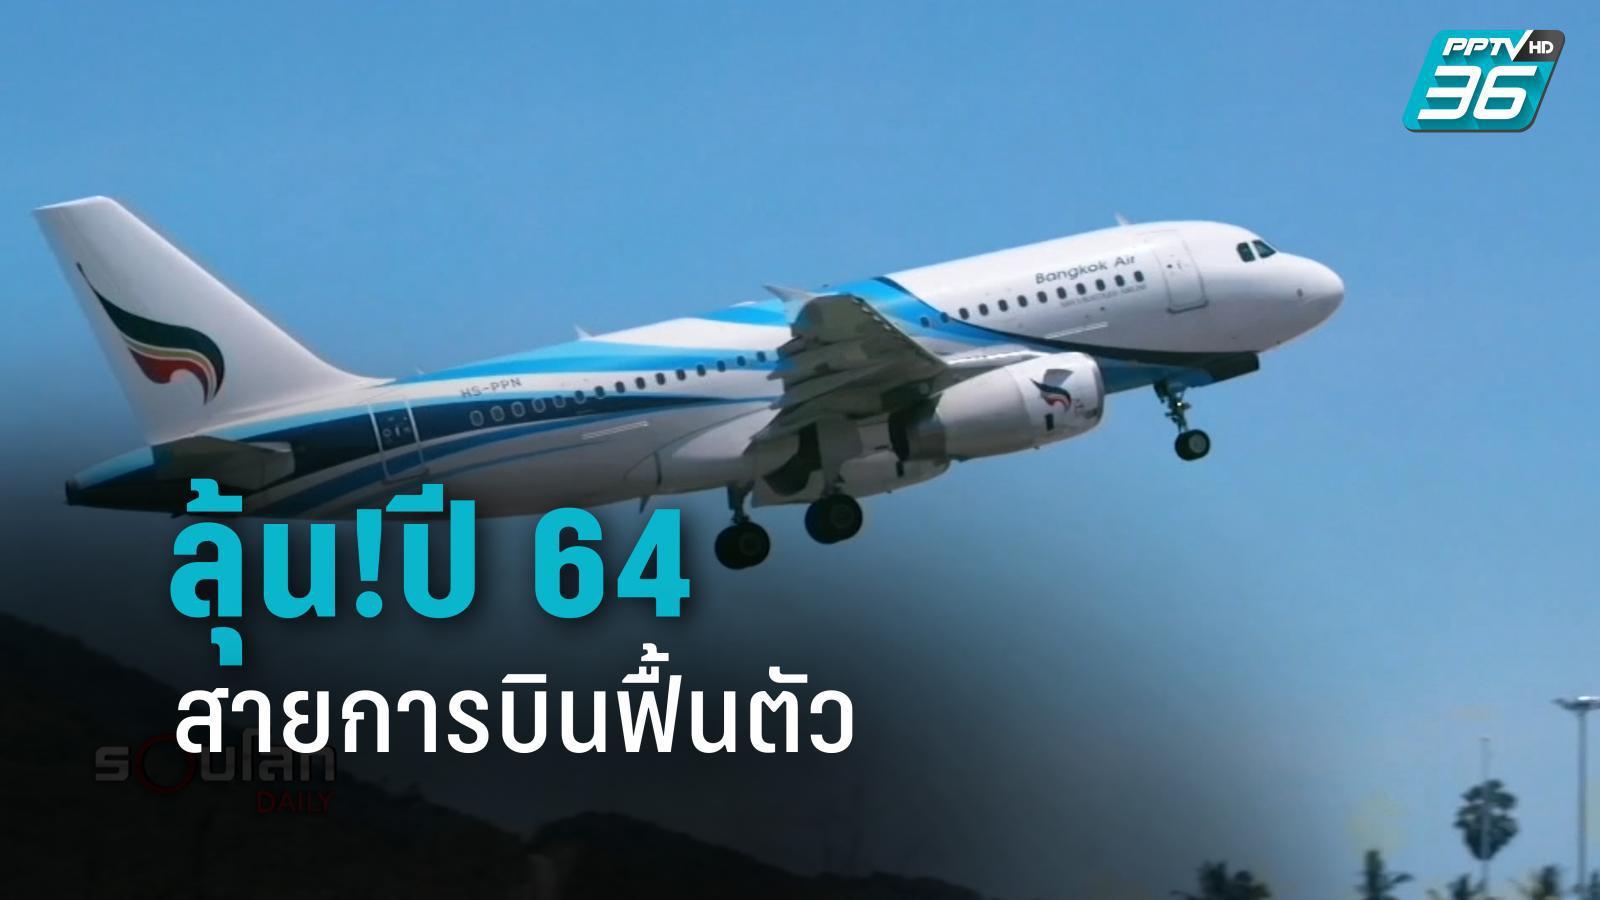 ลุ้น! สายการบิน ฟื้นตัวในปี 2564